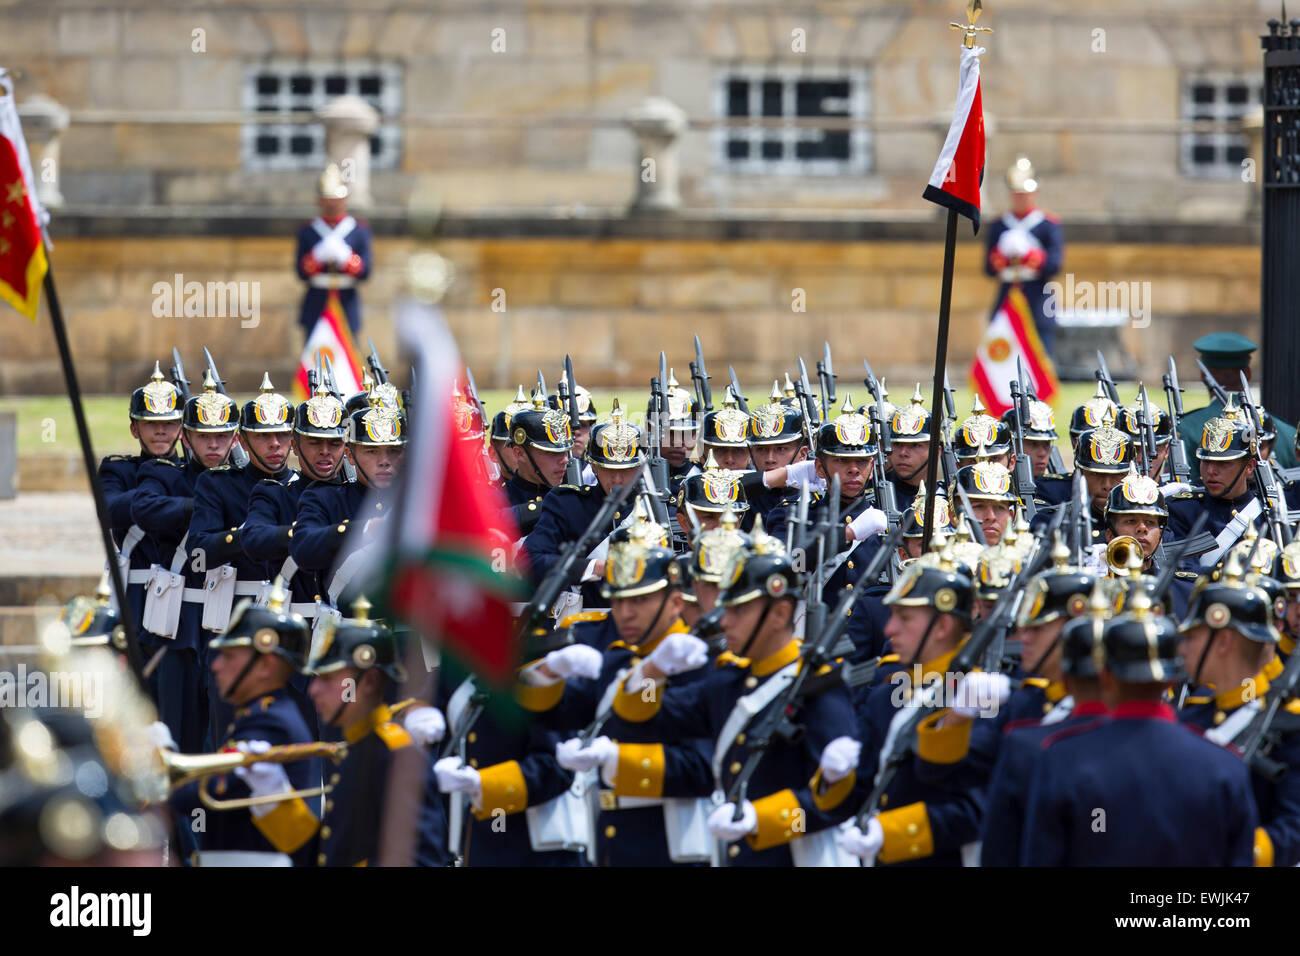 Il cerimoniale di guardia e marching band militare arrivando alla residenza del Presidente a Bogotà, Colombia Immagini Stock